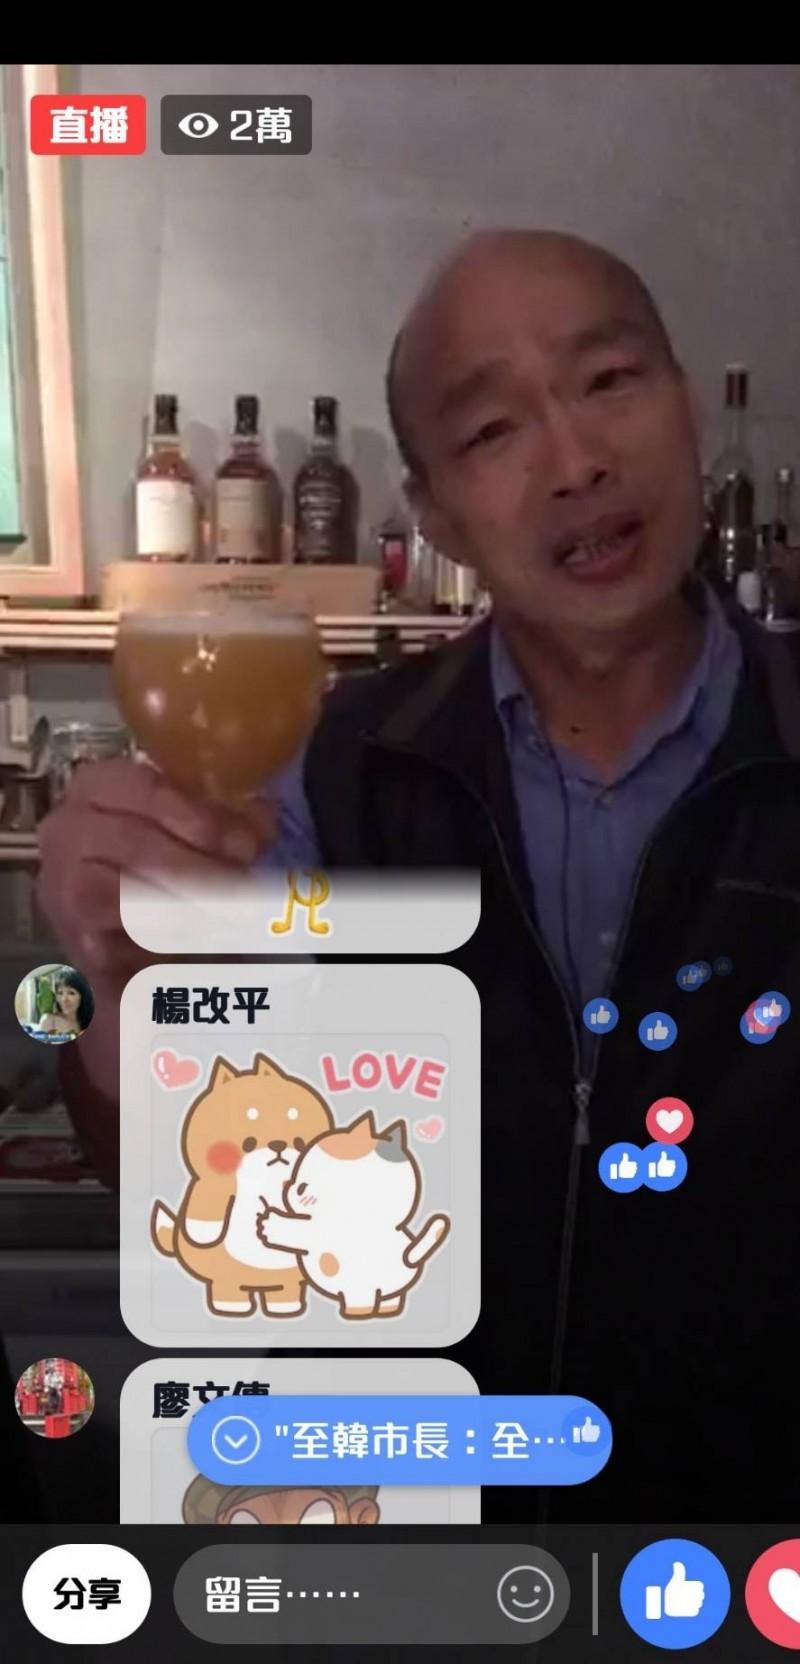 高雄市長韓國瑜今晚透過臉書直播,再提兩岸論述。(記者王榮祥翻攝)